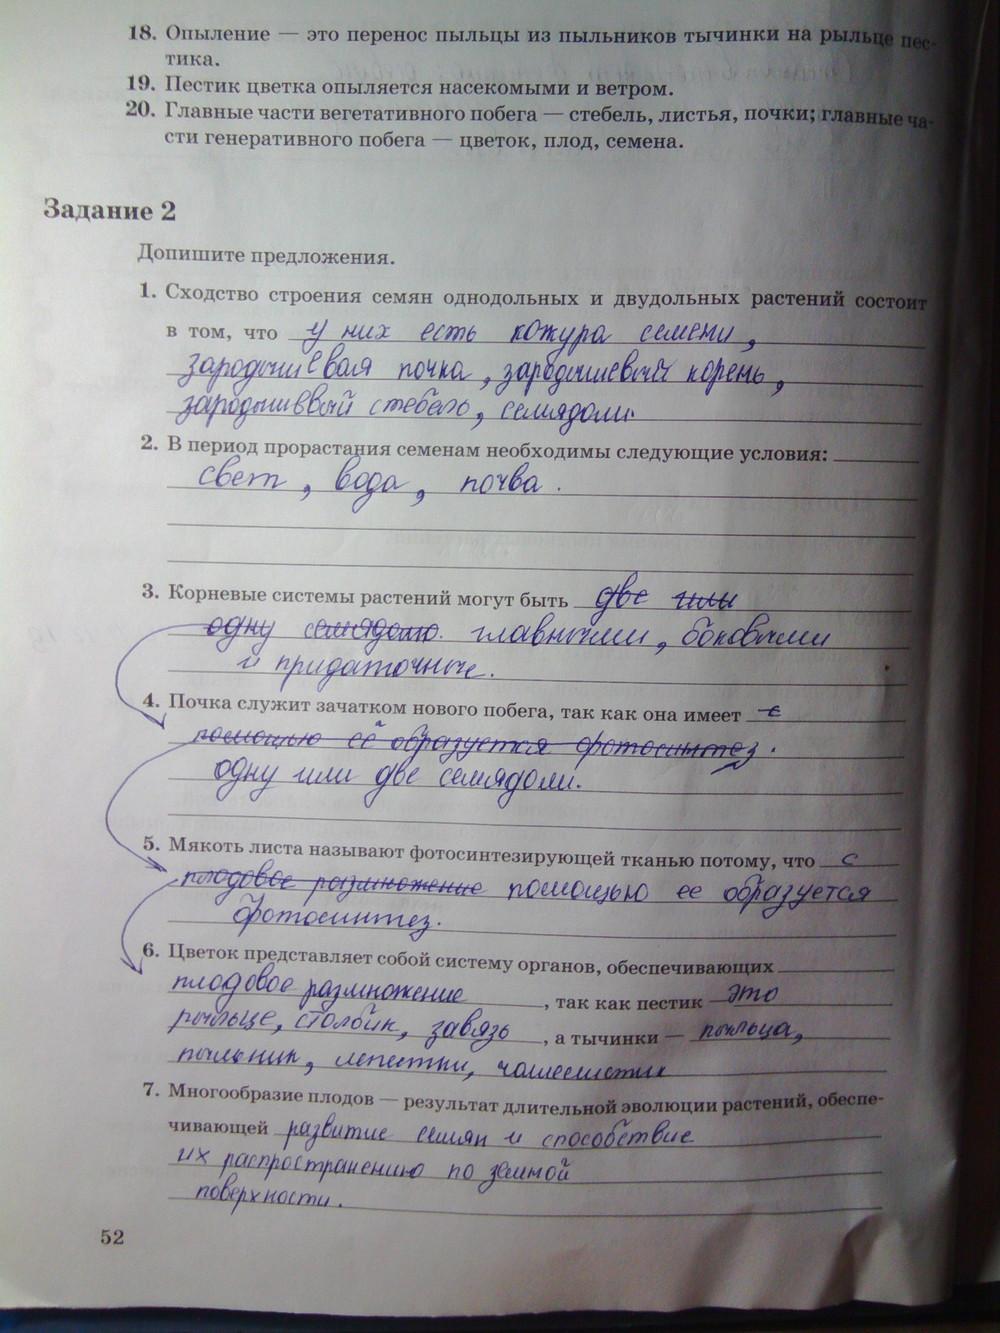 Биология 6 Класс Рабочая Тетрадь Бодрова Решебник